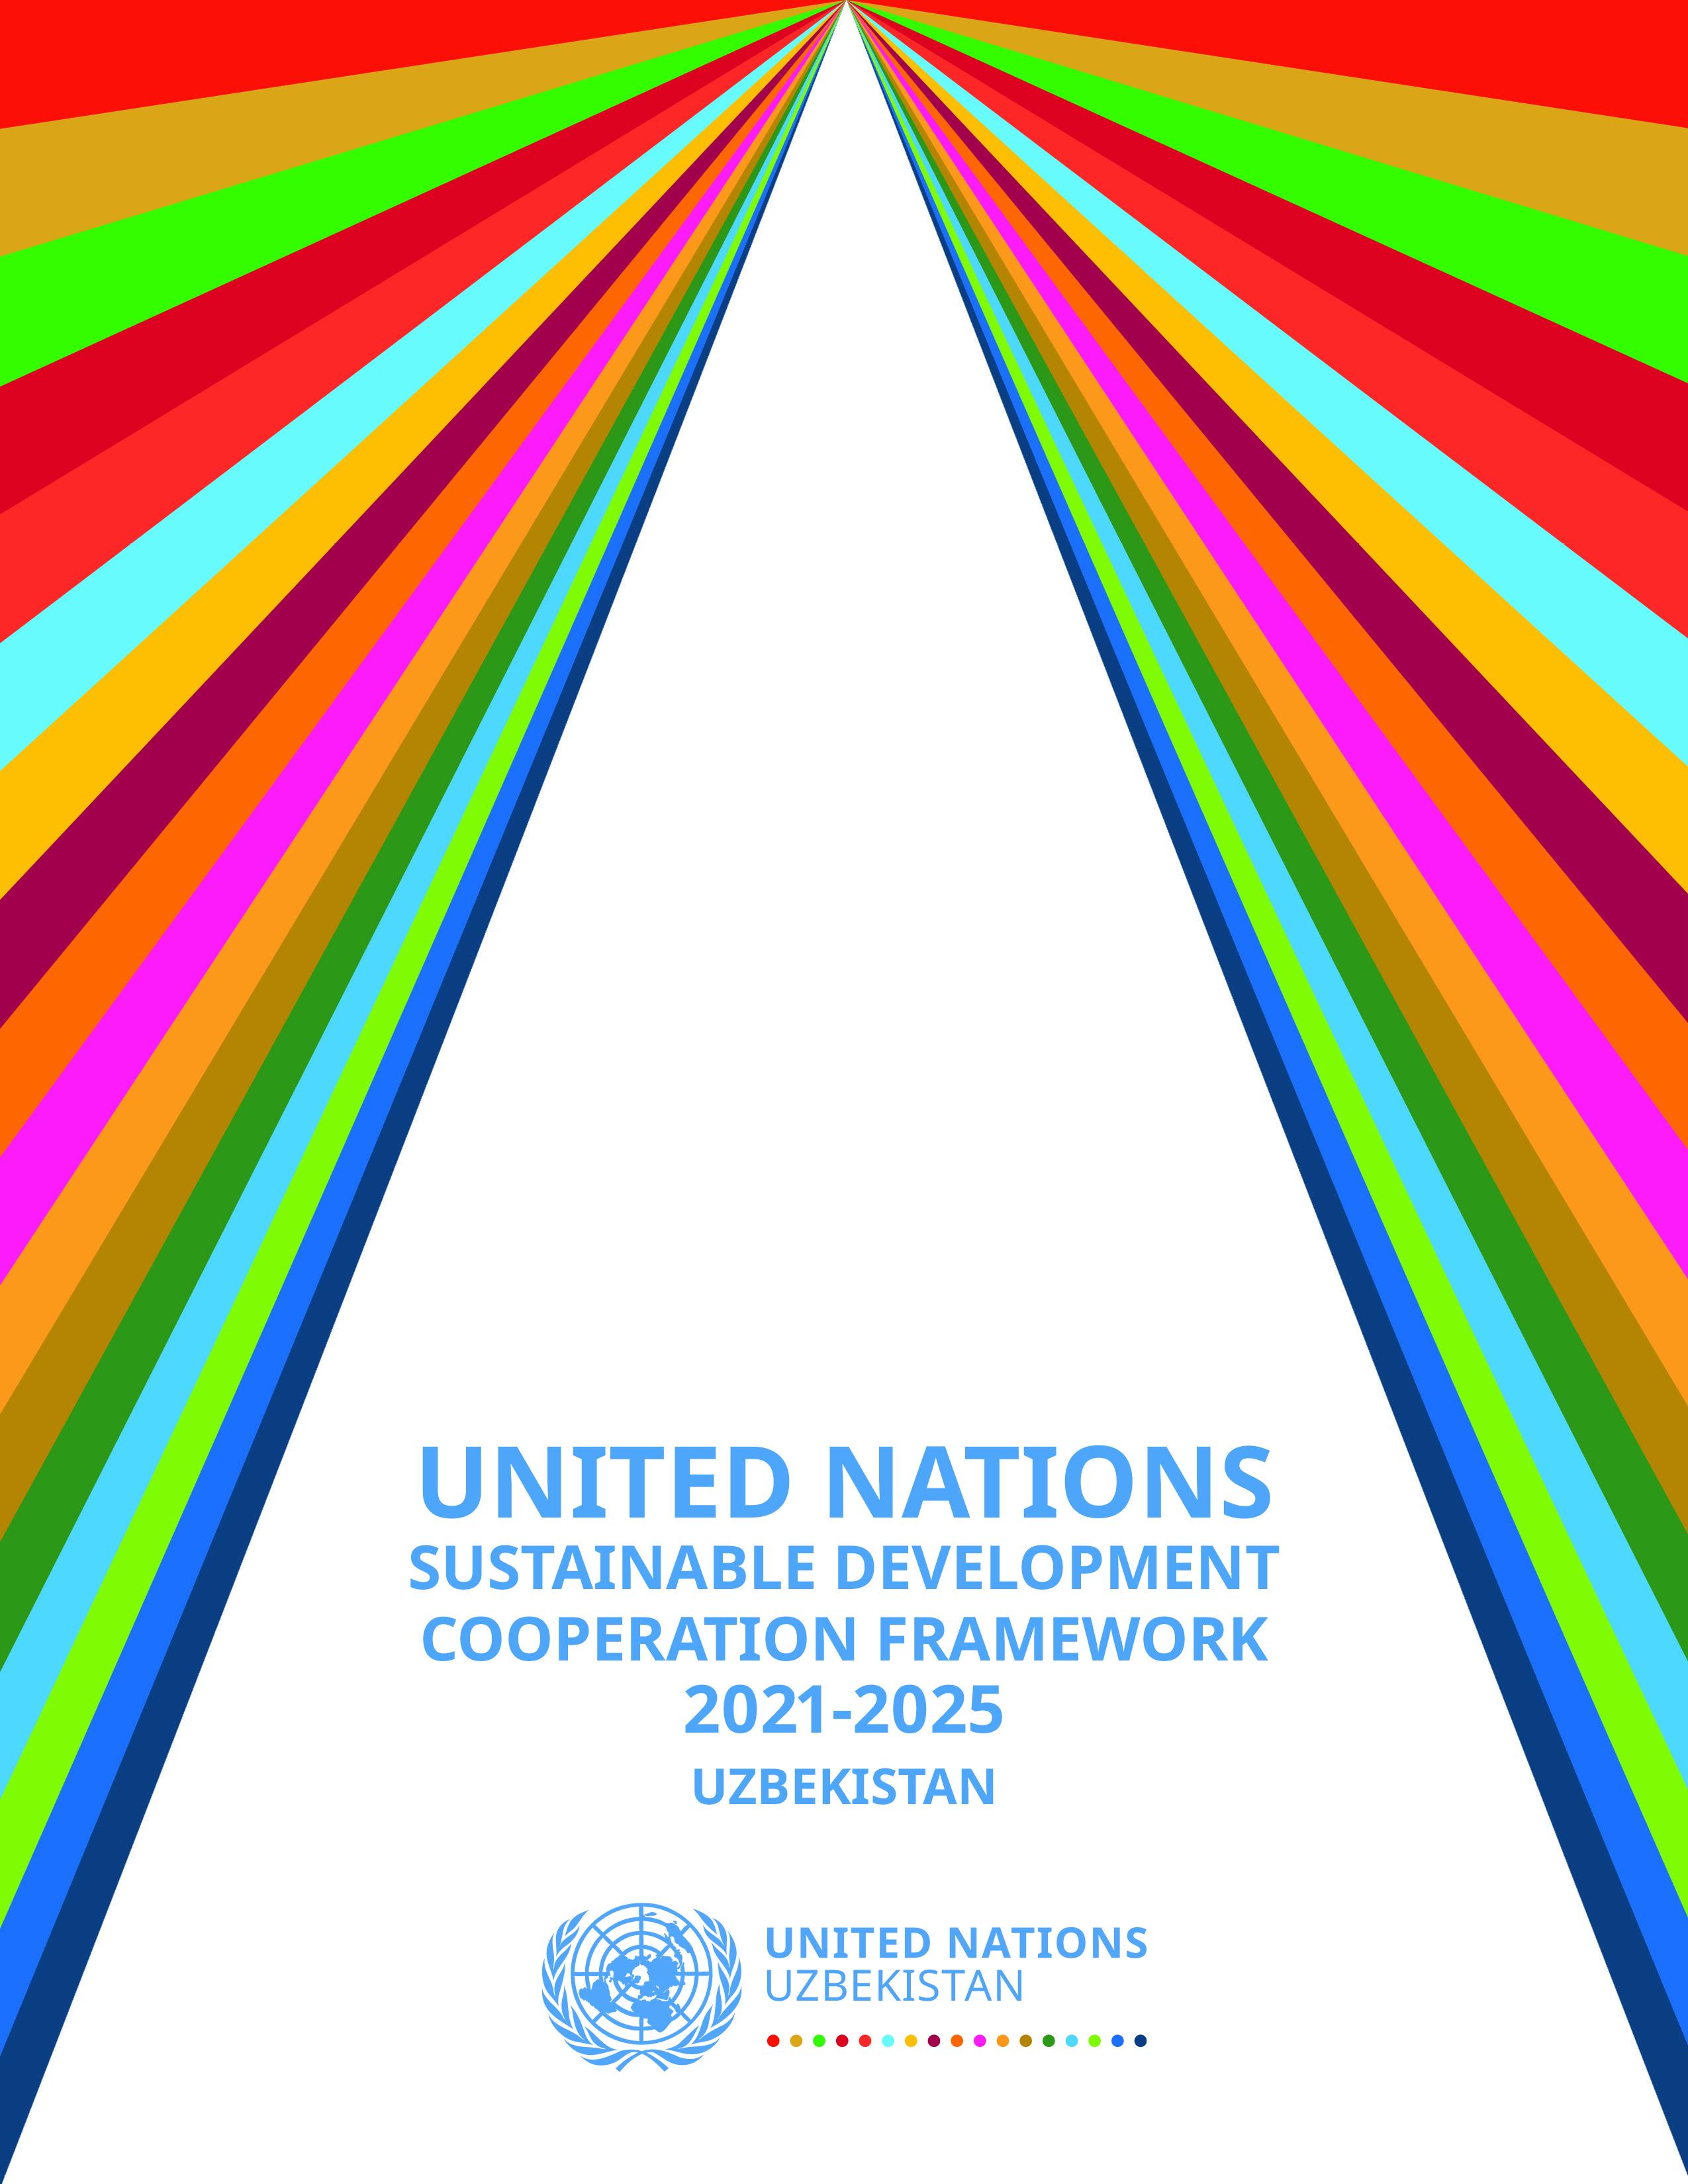 Рамочная Программа Сотрудничества ООН в Целях Устойчивого Развития на 2021-2025 годы для Узбекистана